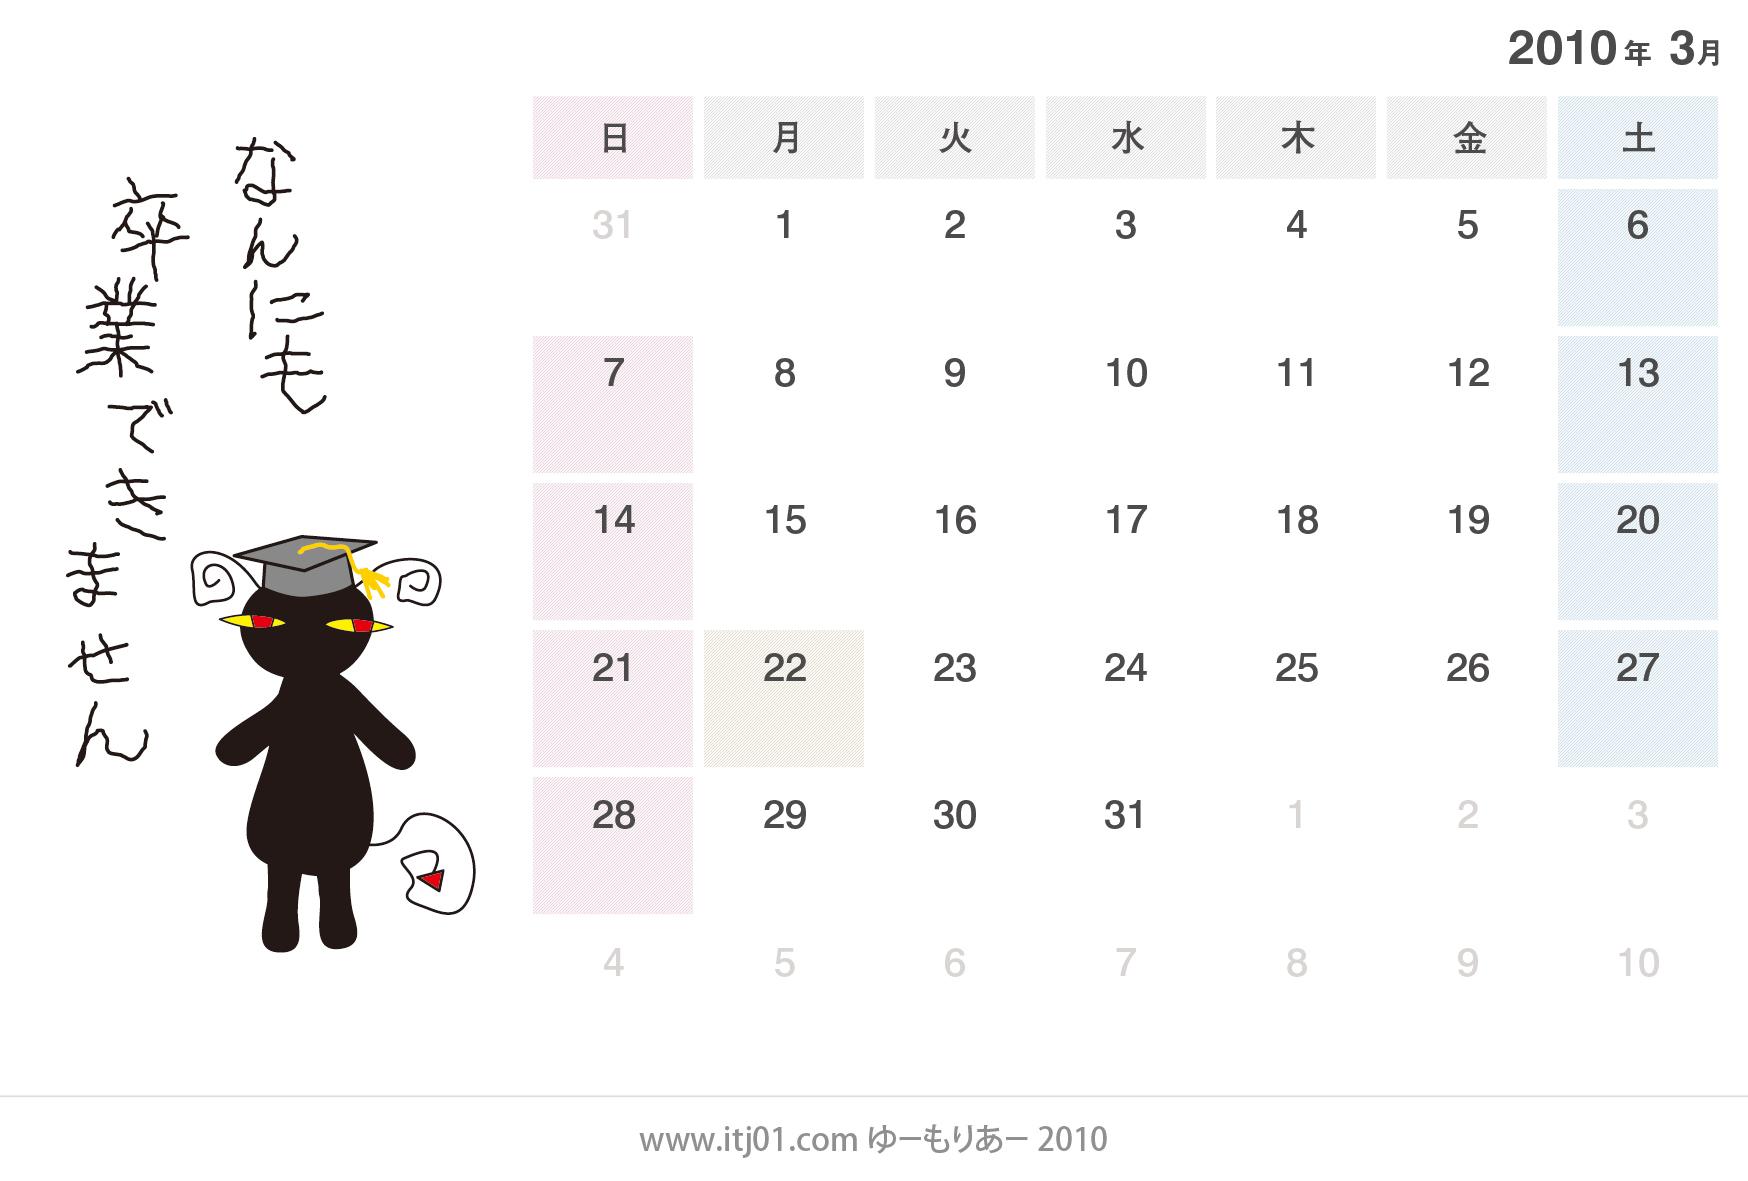 かわいい卓上カレンダー10年3月 なんにも卒業できません ゆーもりあーの無料イラスト画像 素材